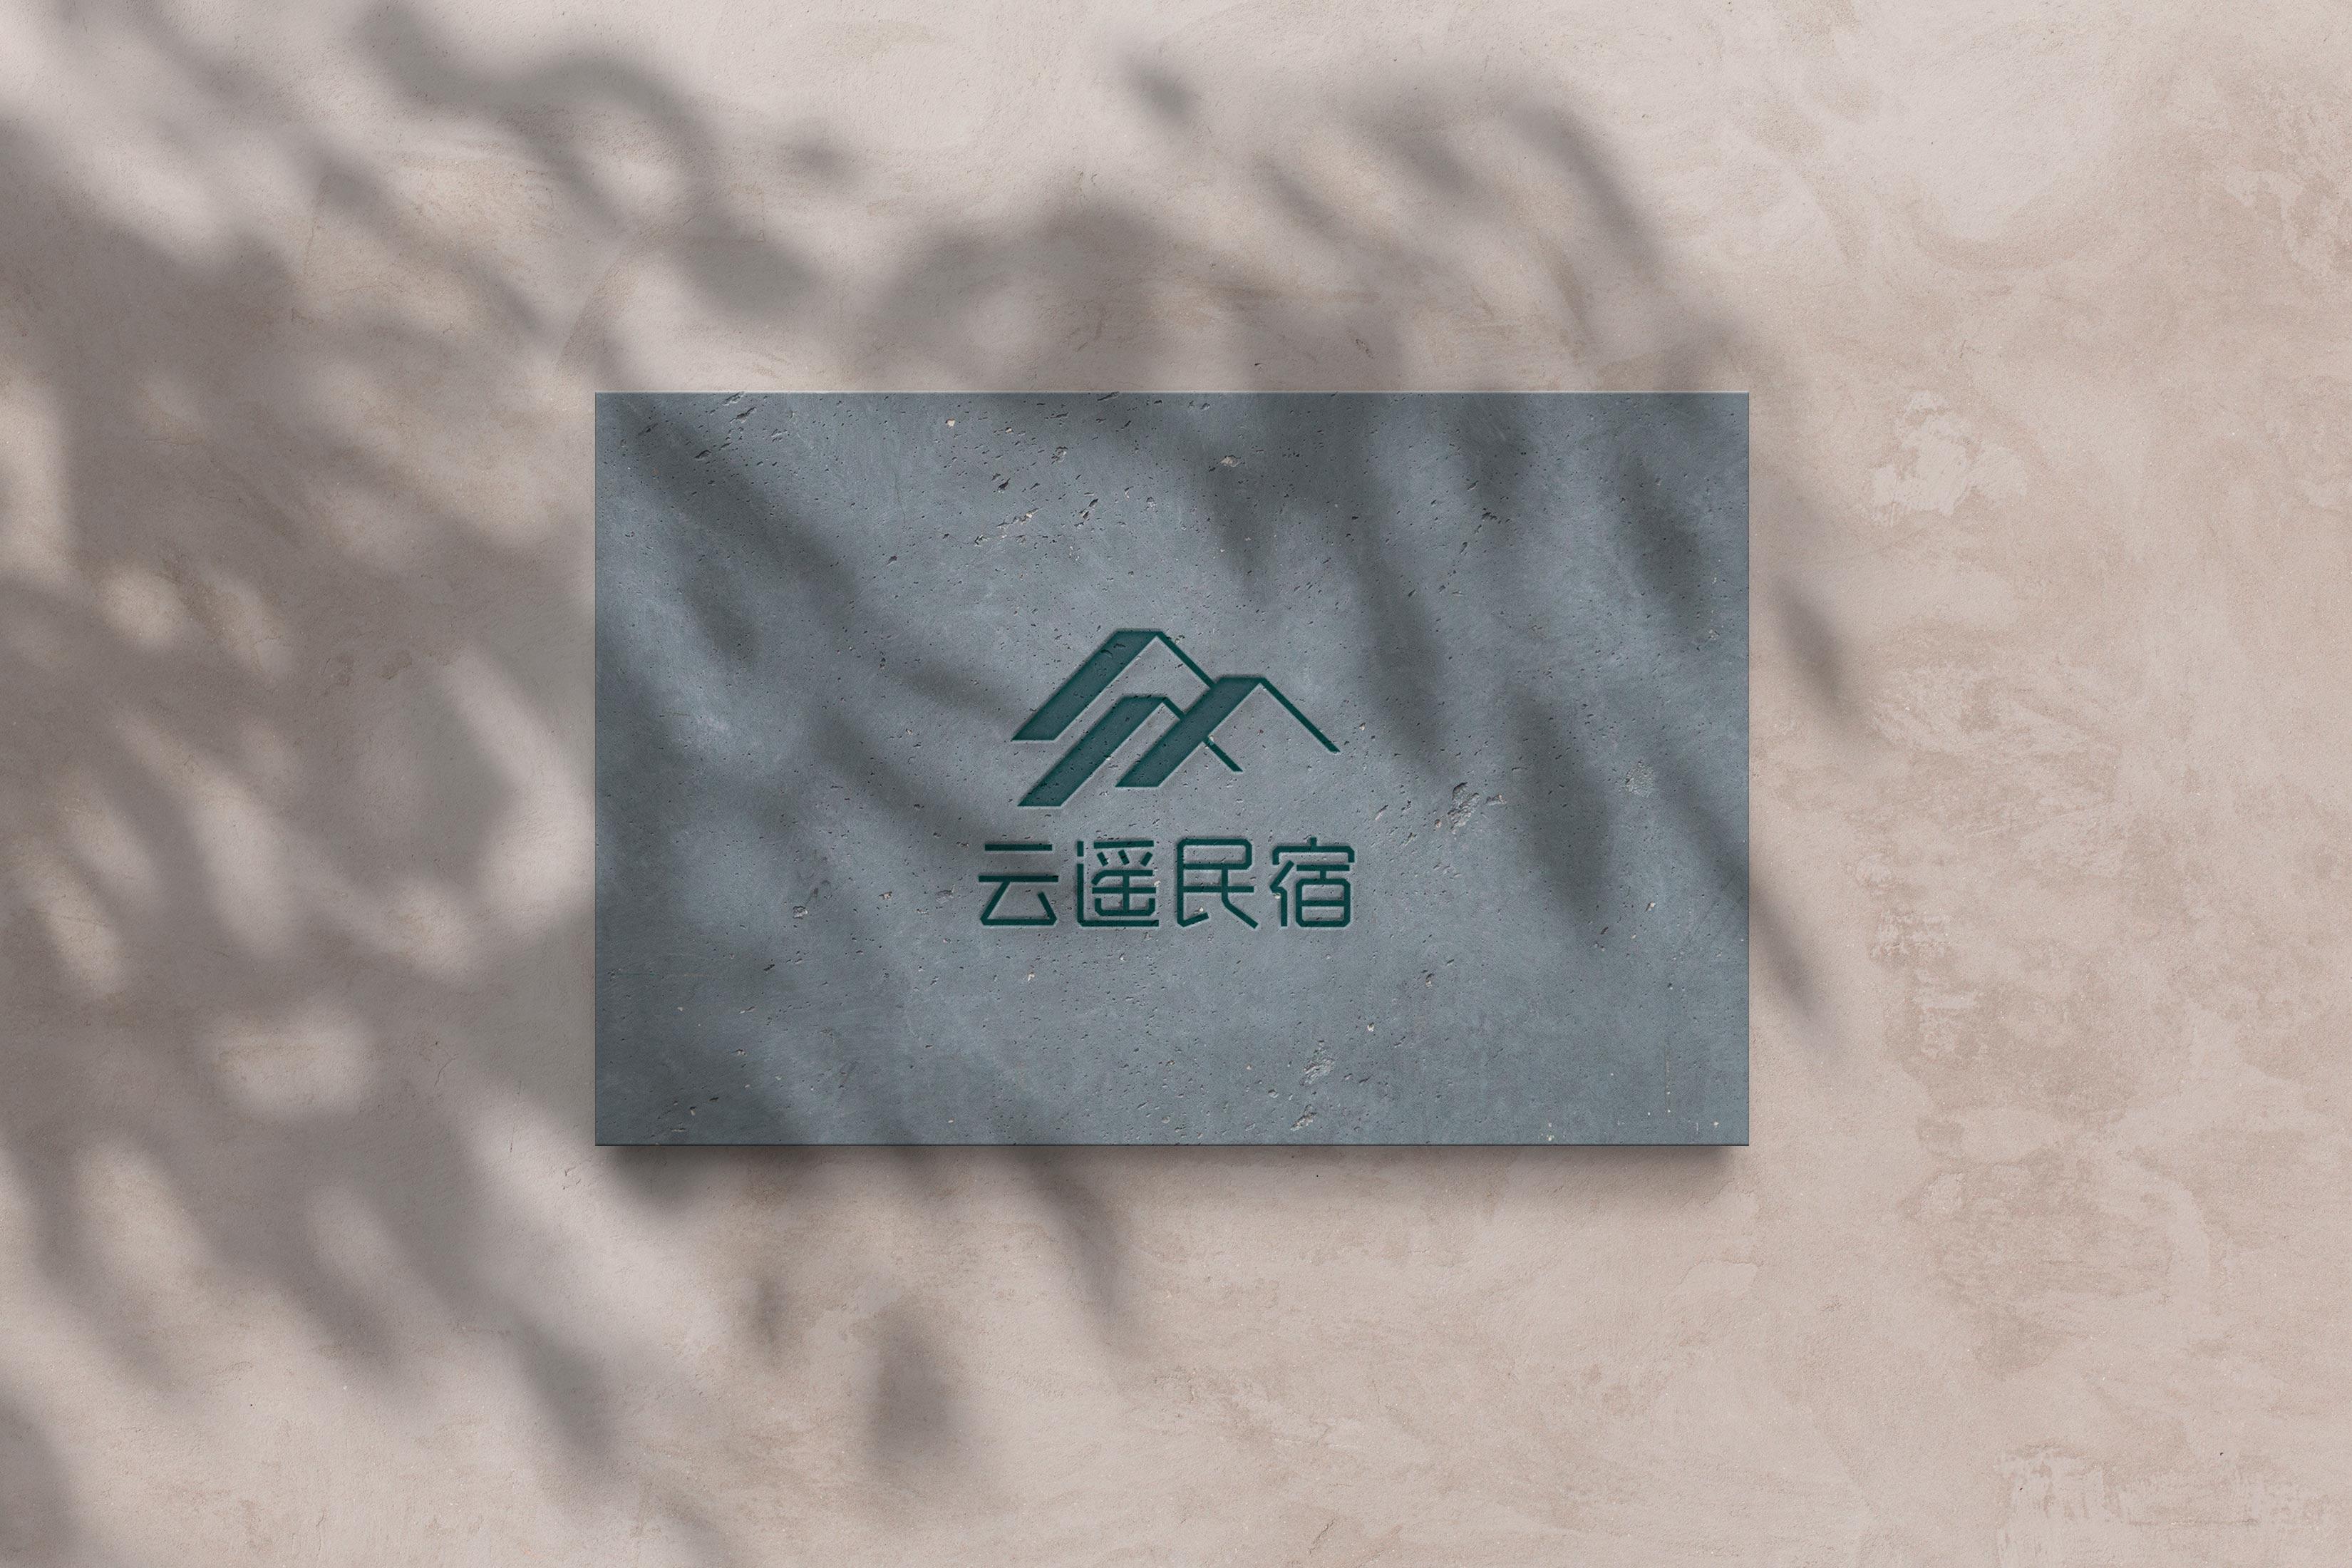 商标/公司LOGO/平面设计/定制品牌LOGO设计